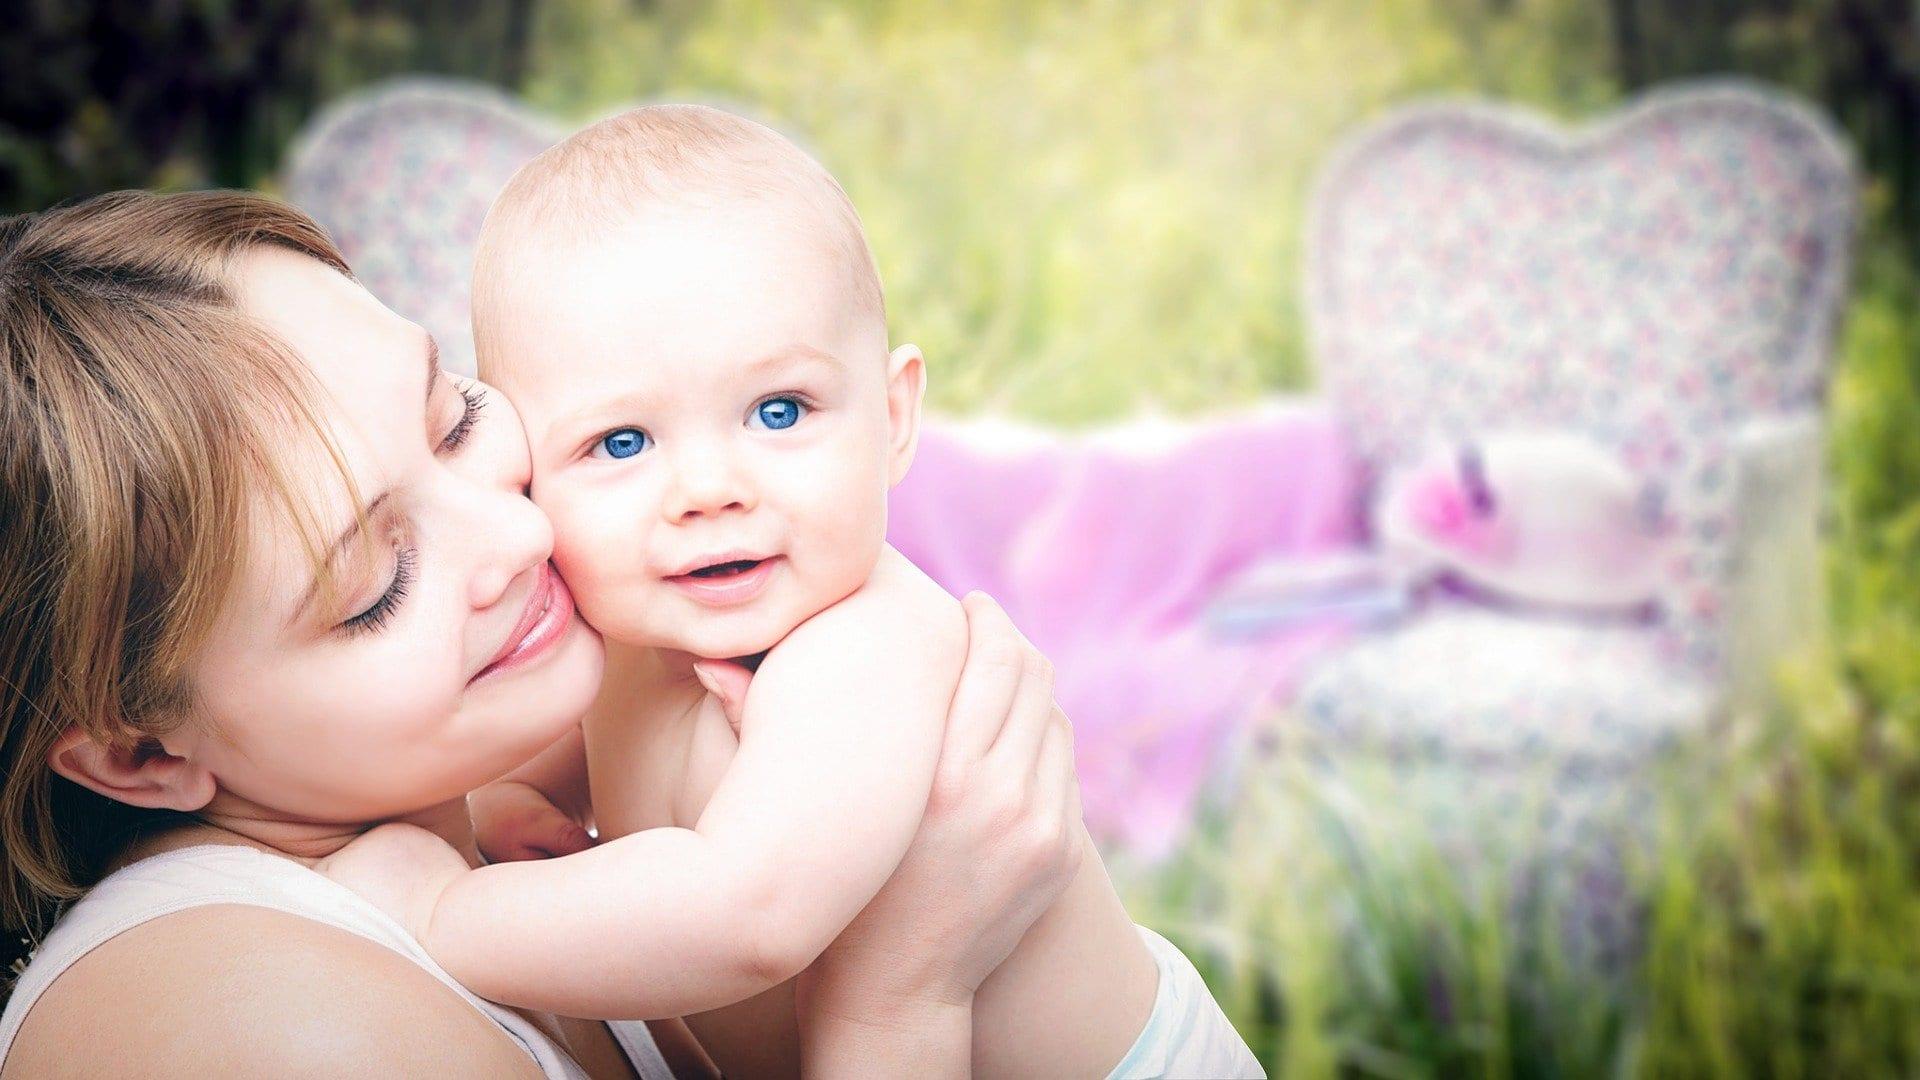 Lavoratrice madre, si al licenziamento per cessazione attività